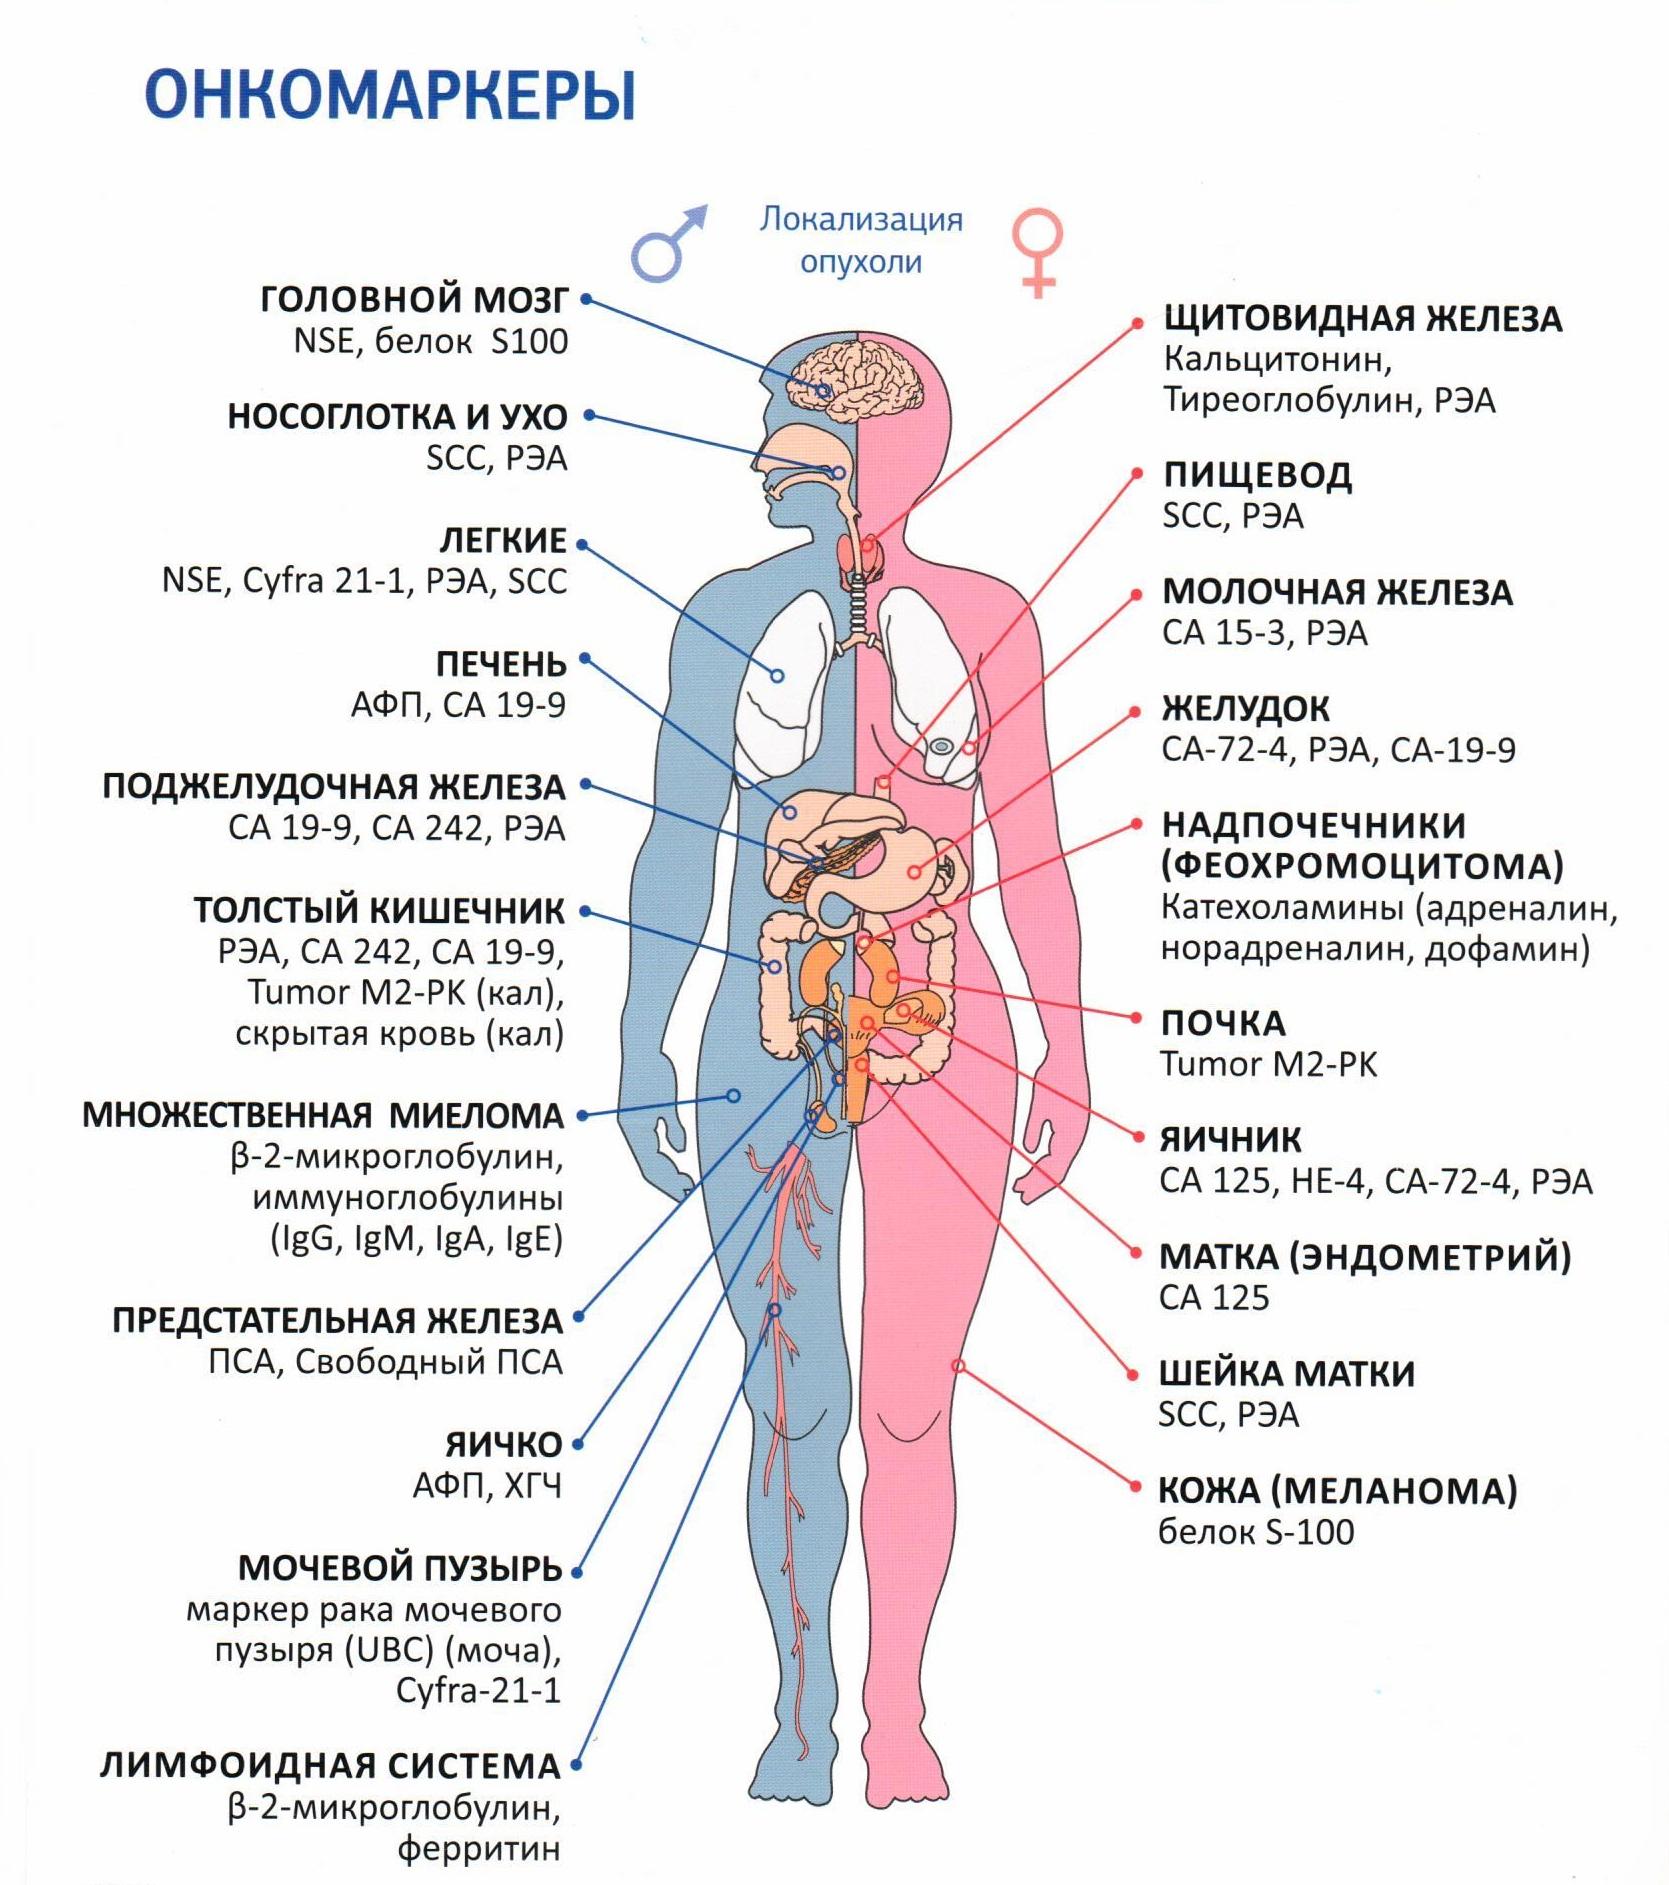 как диагностировать наличие паразитов в организме человека